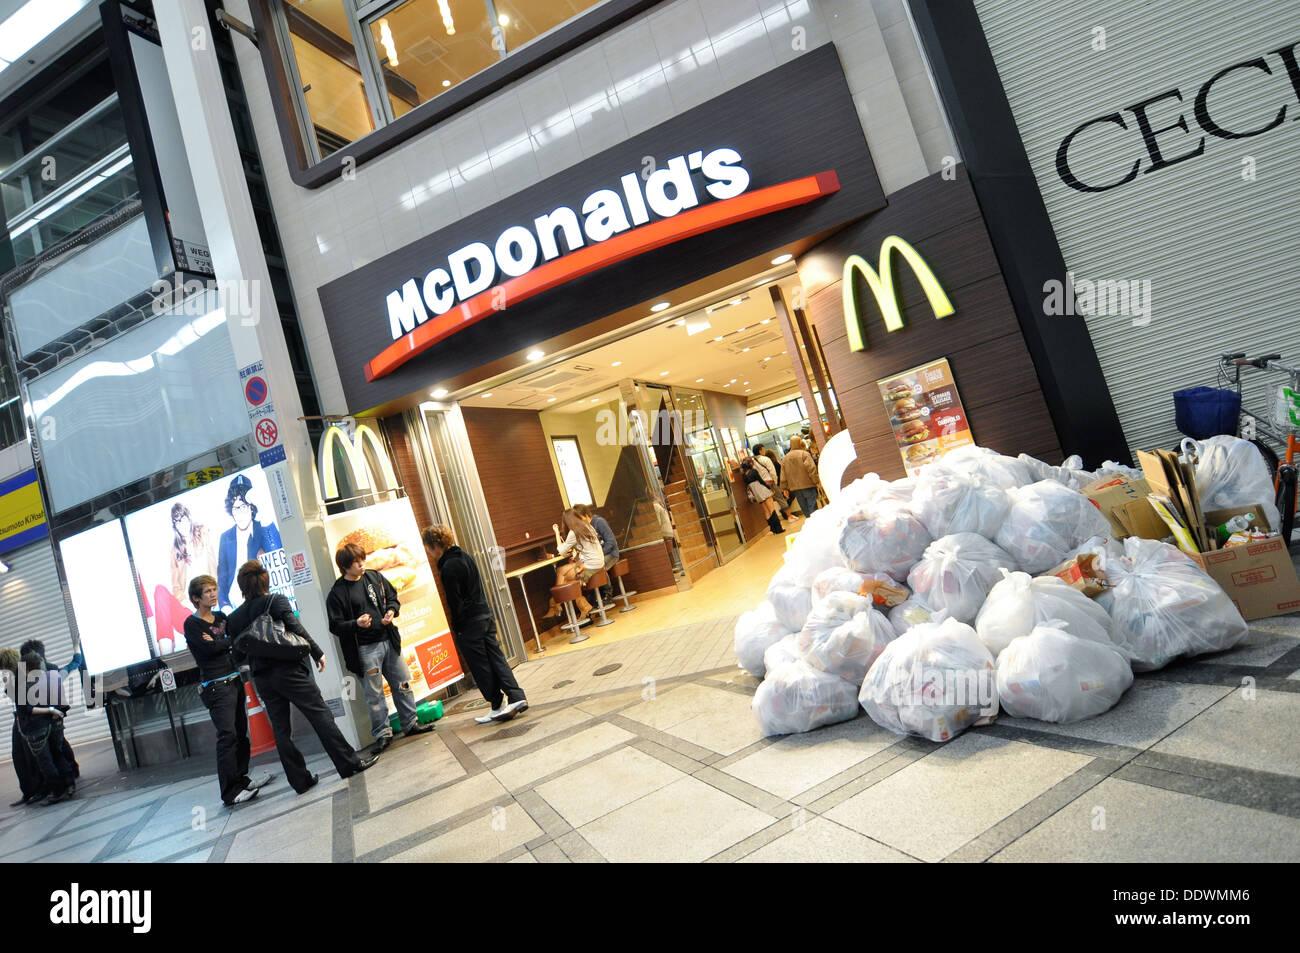 McDonald's-Fastfood-Restaurant mit viel Müll stapelten draußen. Stockbild